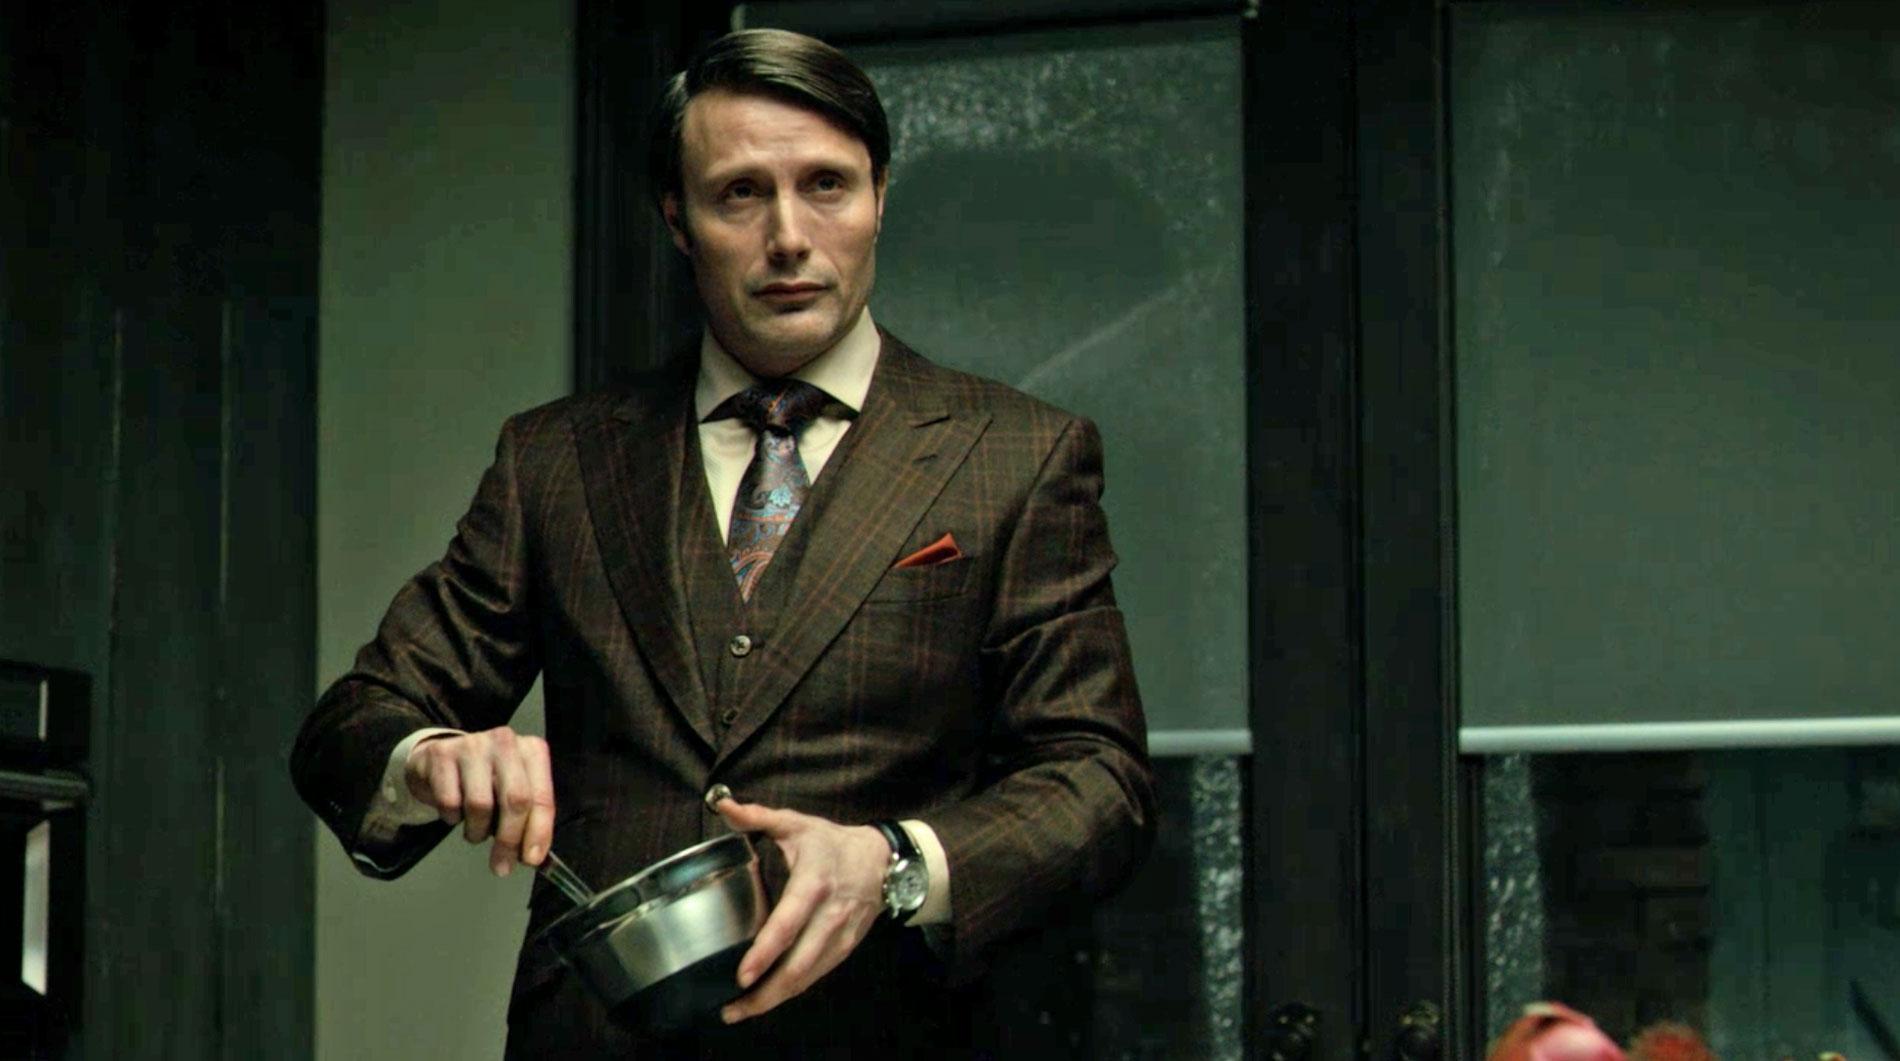 Brown & Green Suit on Hannibal preparing dinner